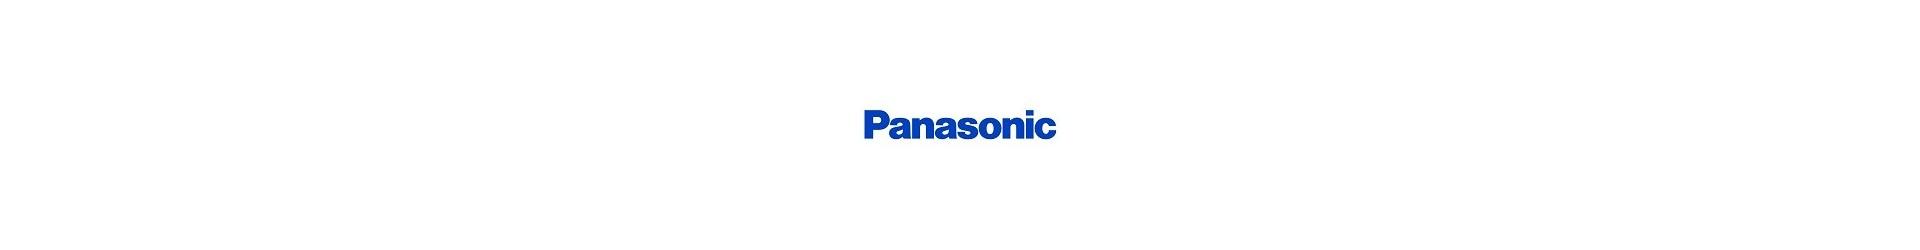 Wärmepumpe Panasonic